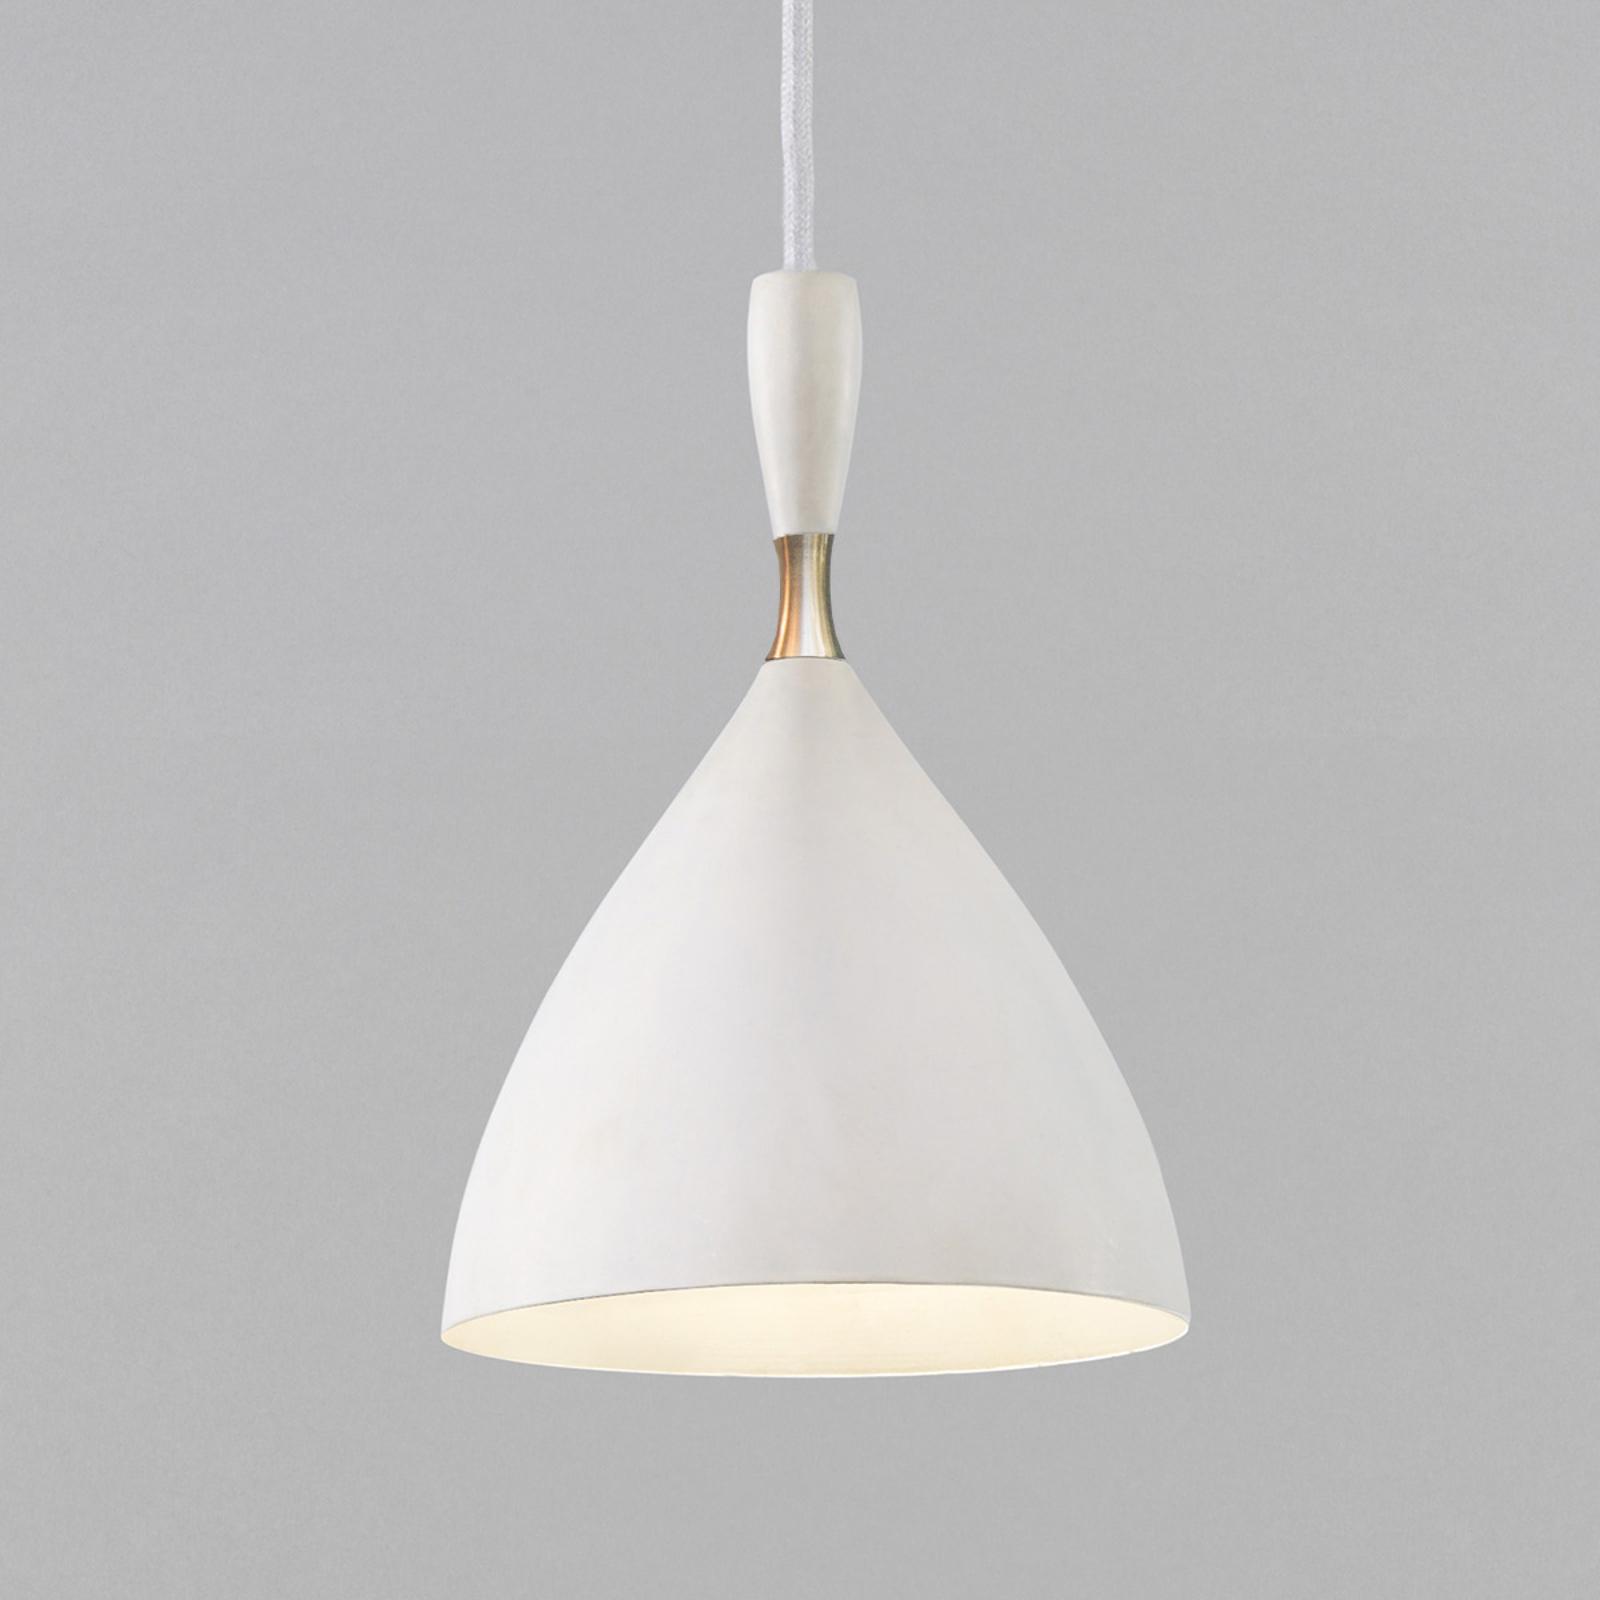 Retro hængelampe Dokka af stål, hvid